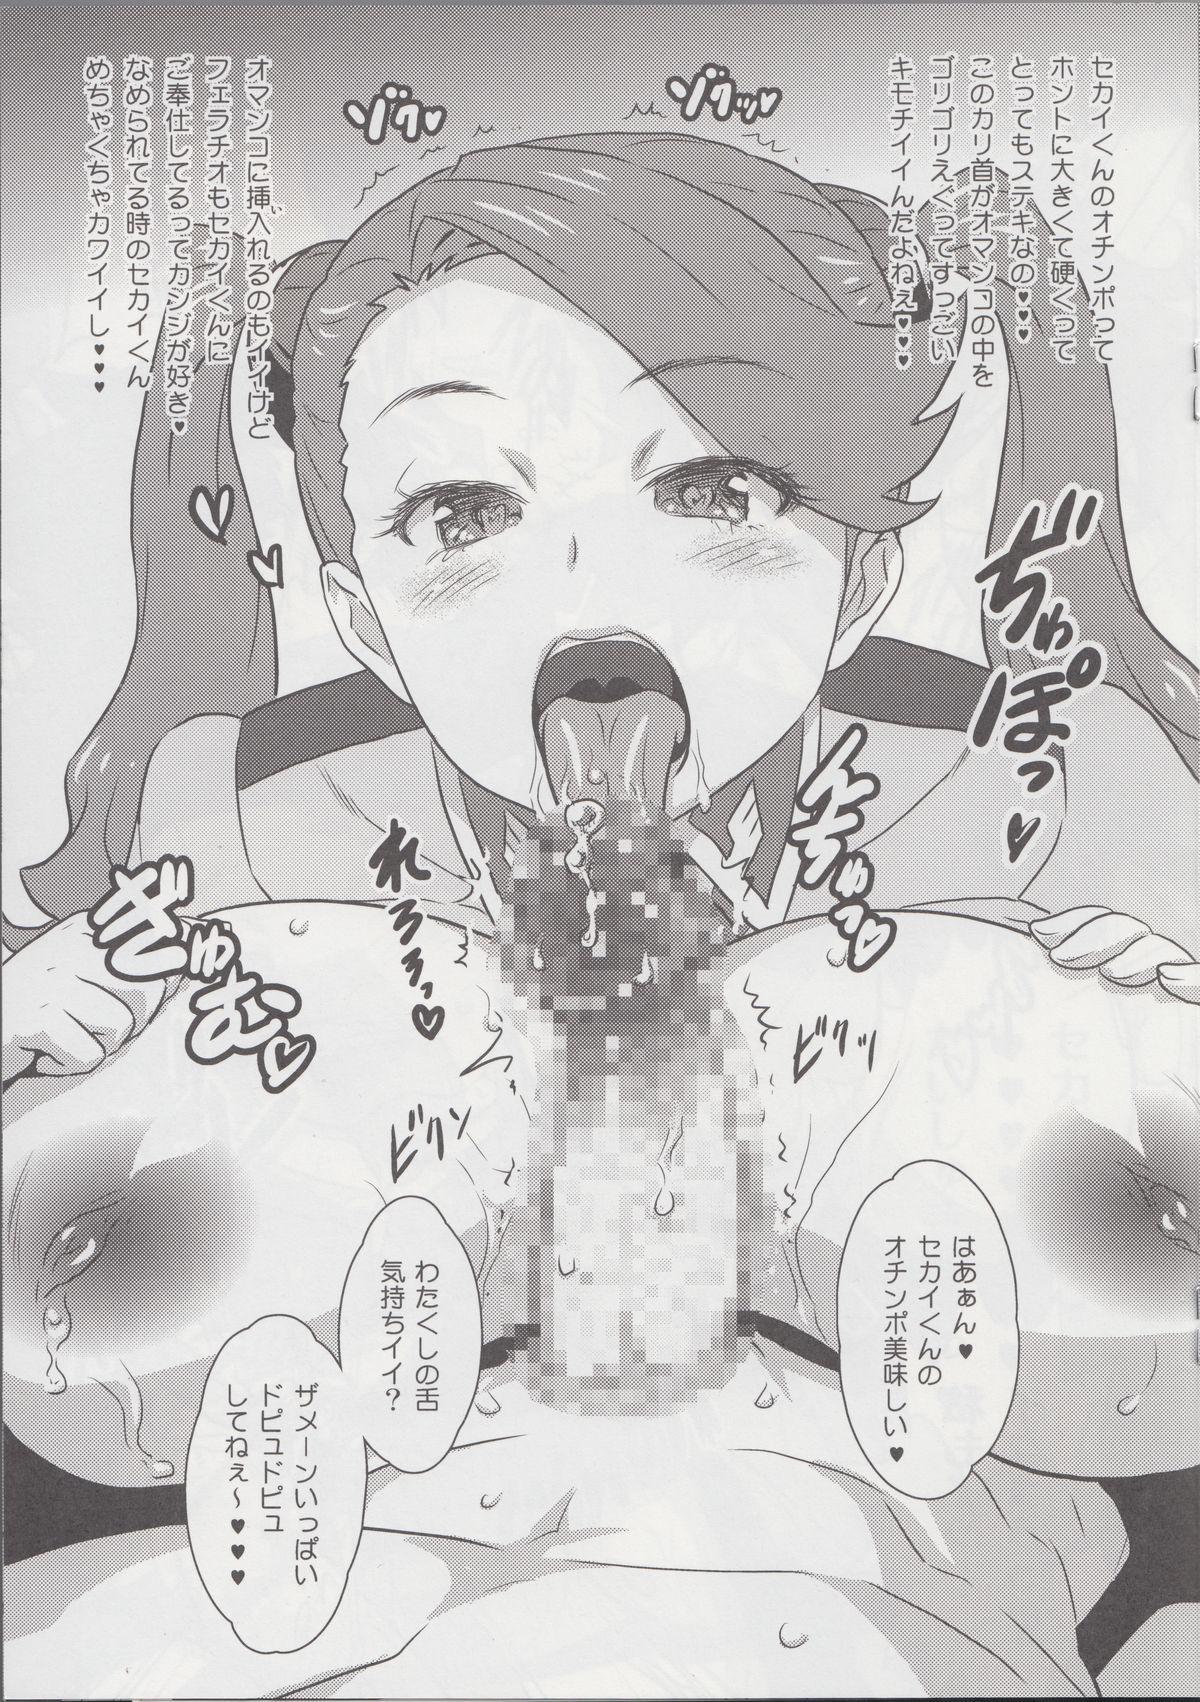 Yorokobi no Kuni Vol. 24.5 4